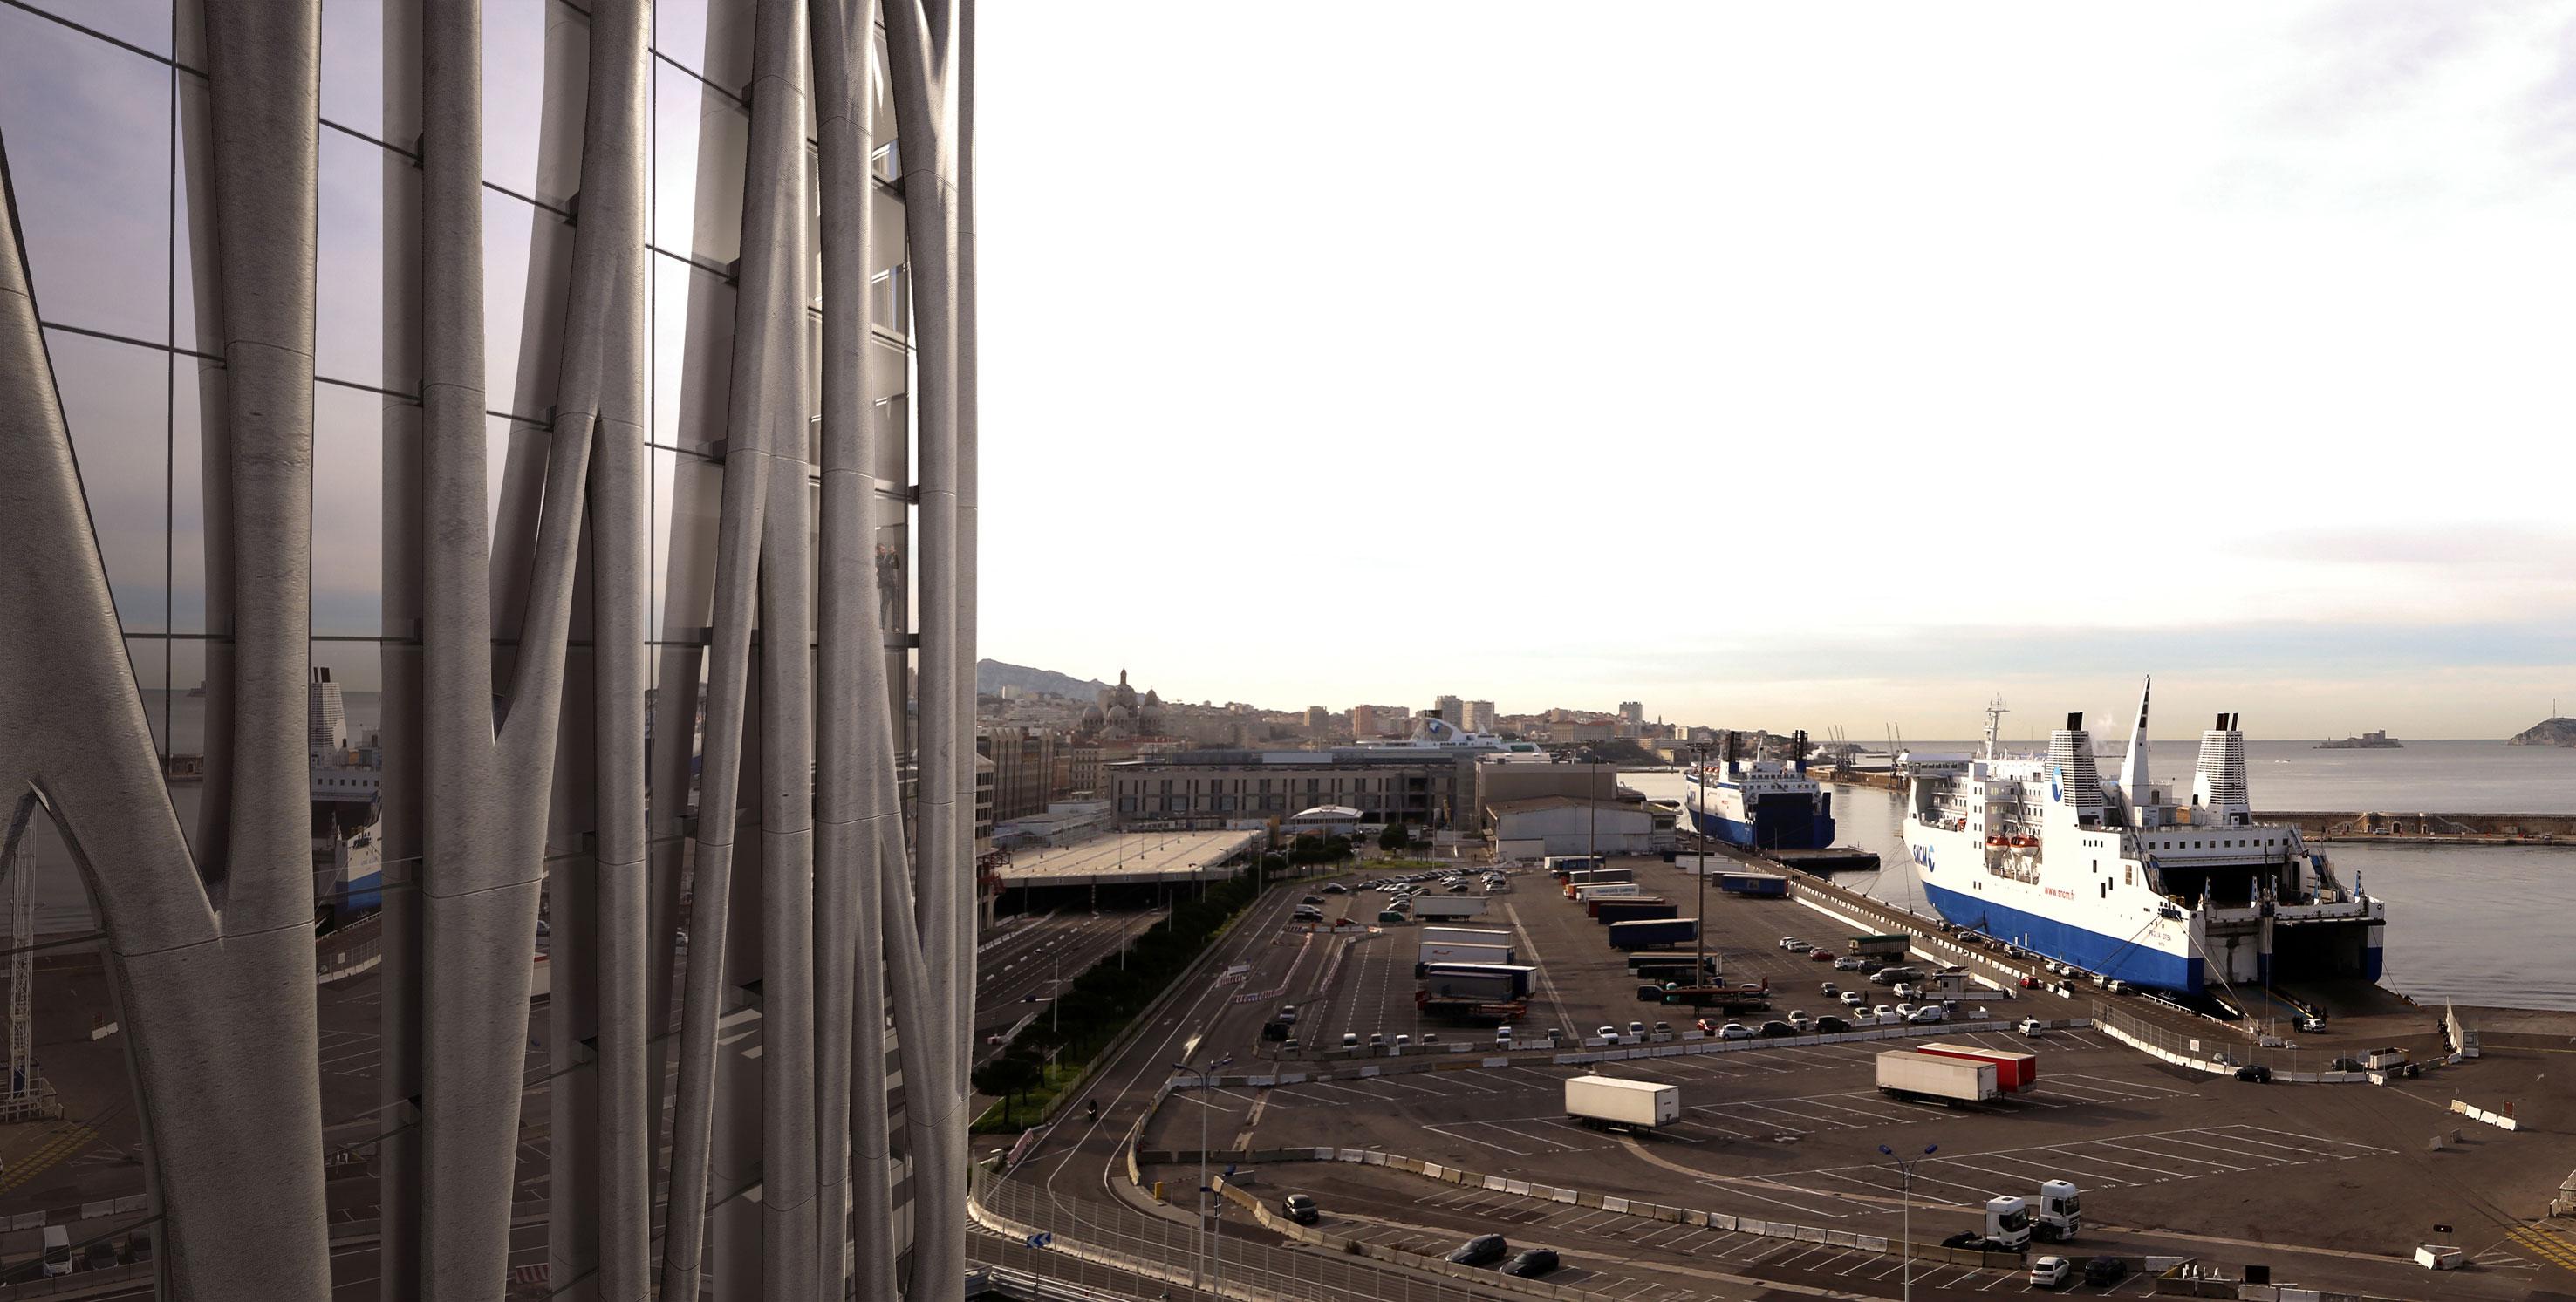 - Docks landscape -